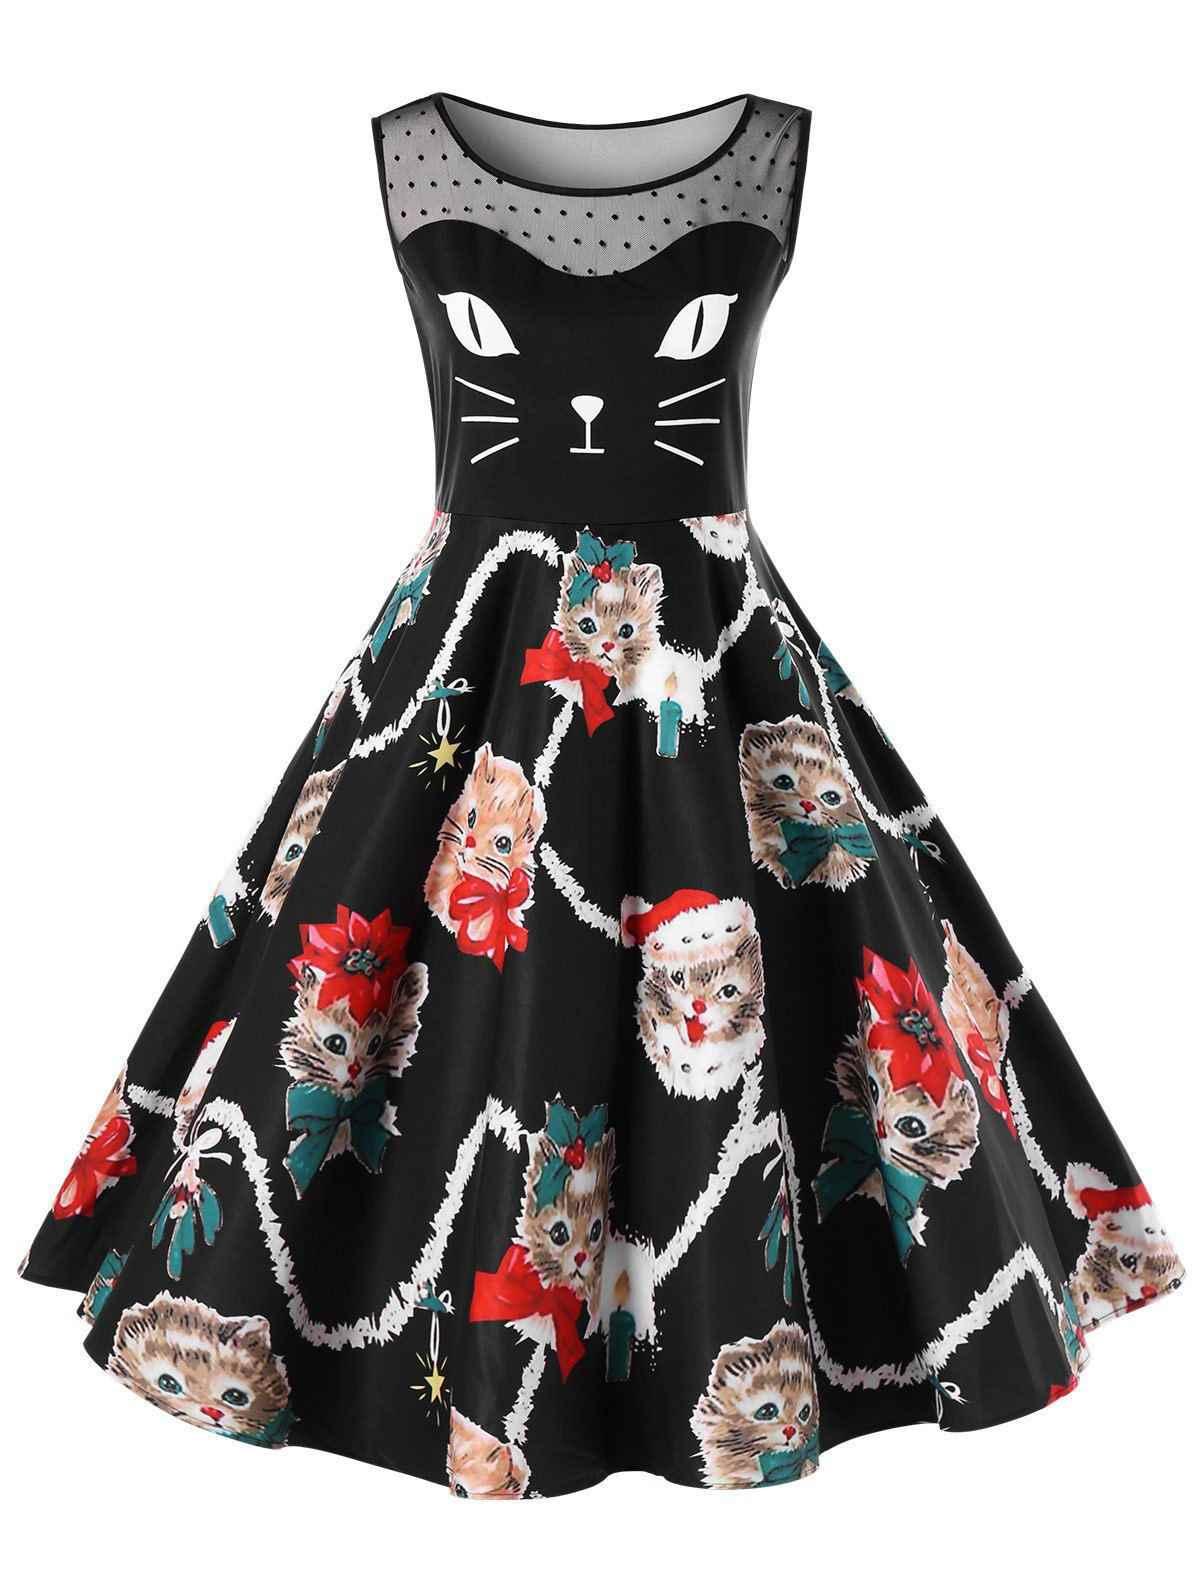 2018 Лето Плюс Размер Рождественский котенок качели платье милый кот принт  женское вечернее платье Винтаж Ретро fb7bd12f6d7b8